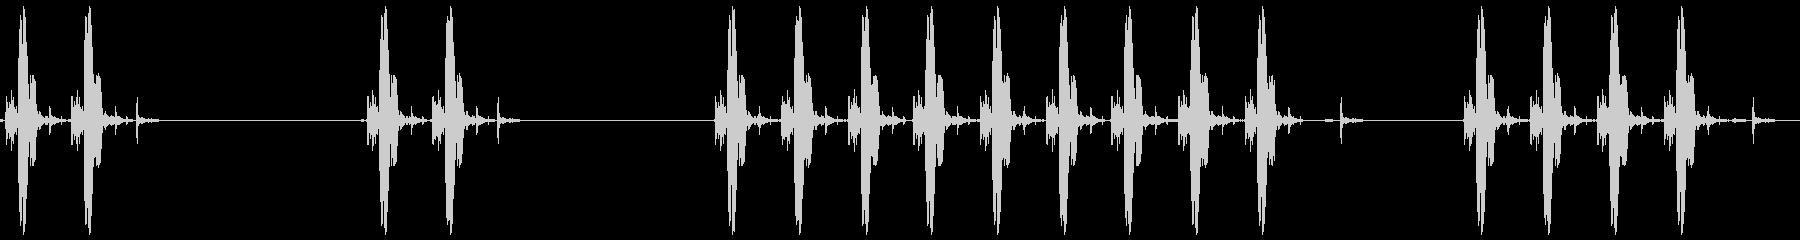 スペースマシンガン2:ミュートショ...の未再生の波形